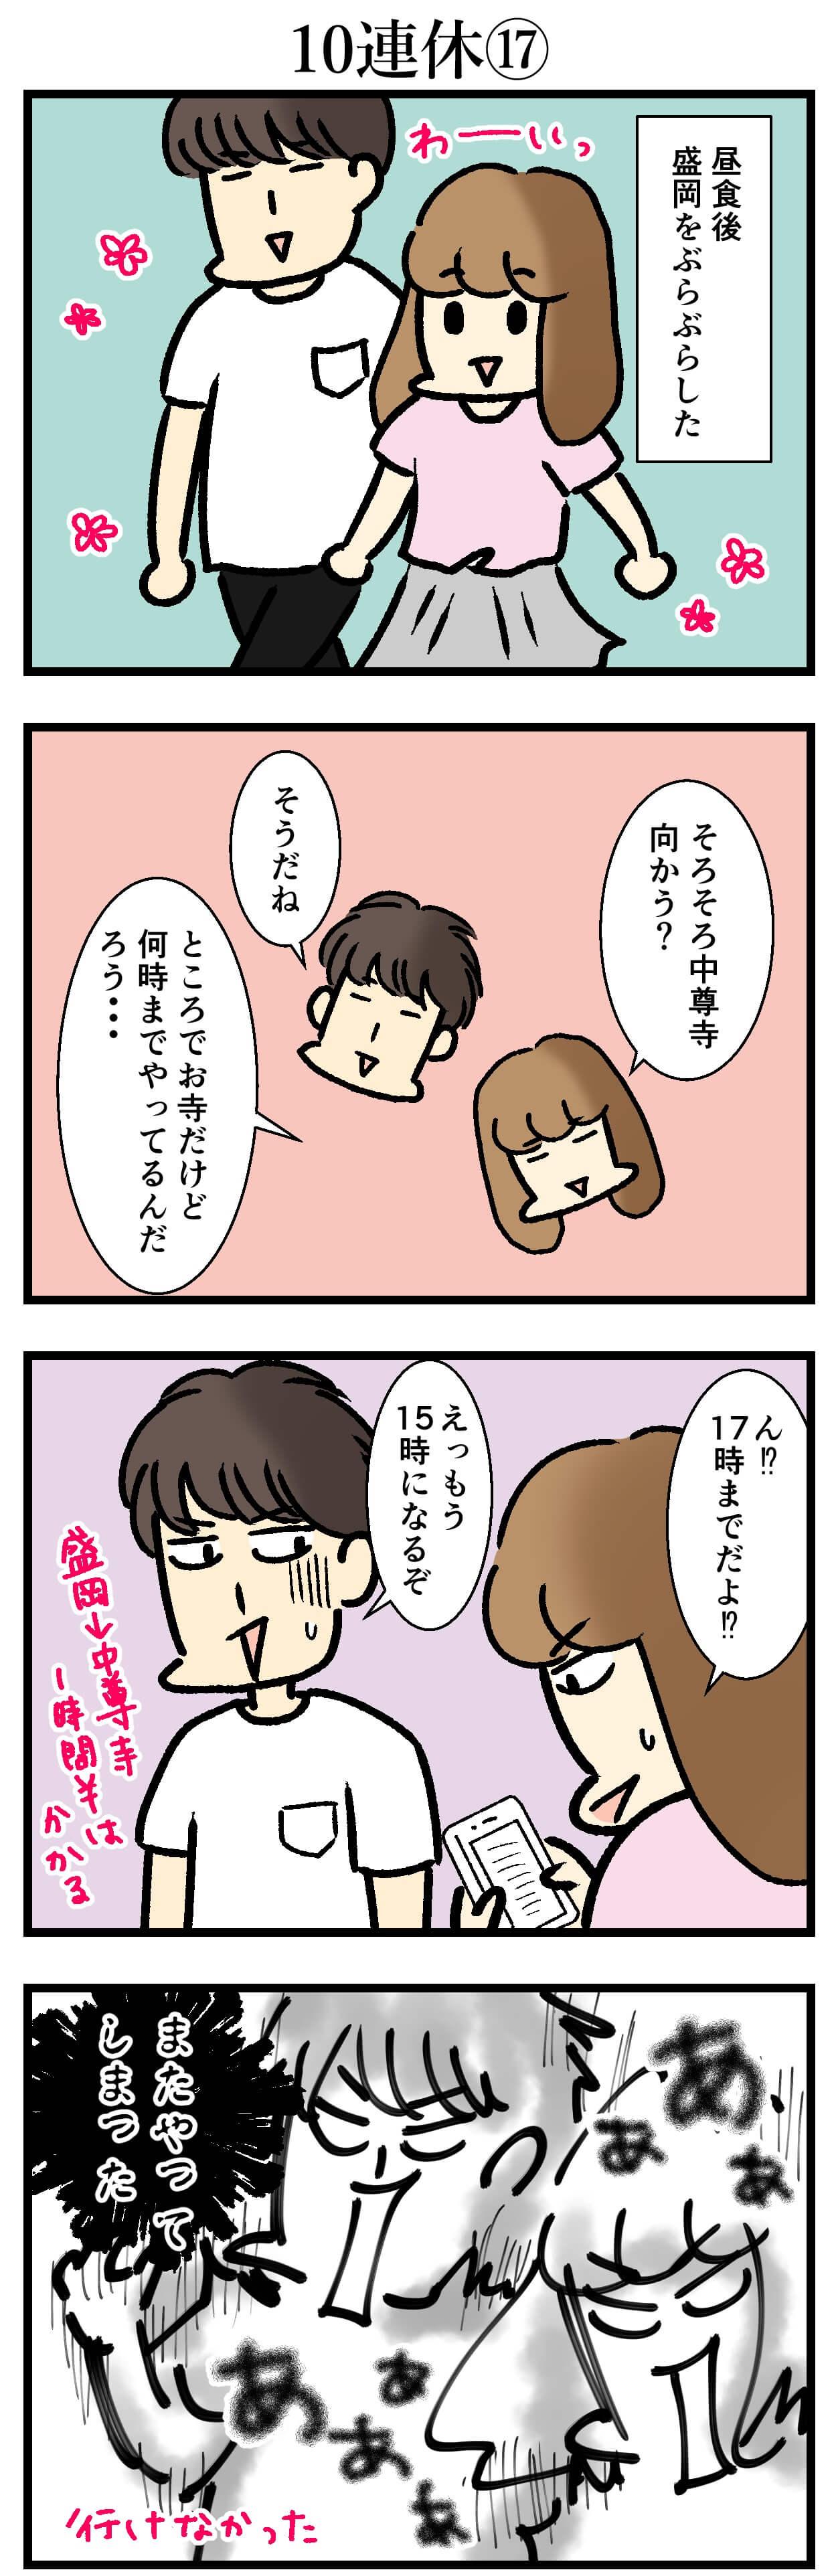 【エッセイ漫画】アラサー主婦くま子のふがいない日常(122)